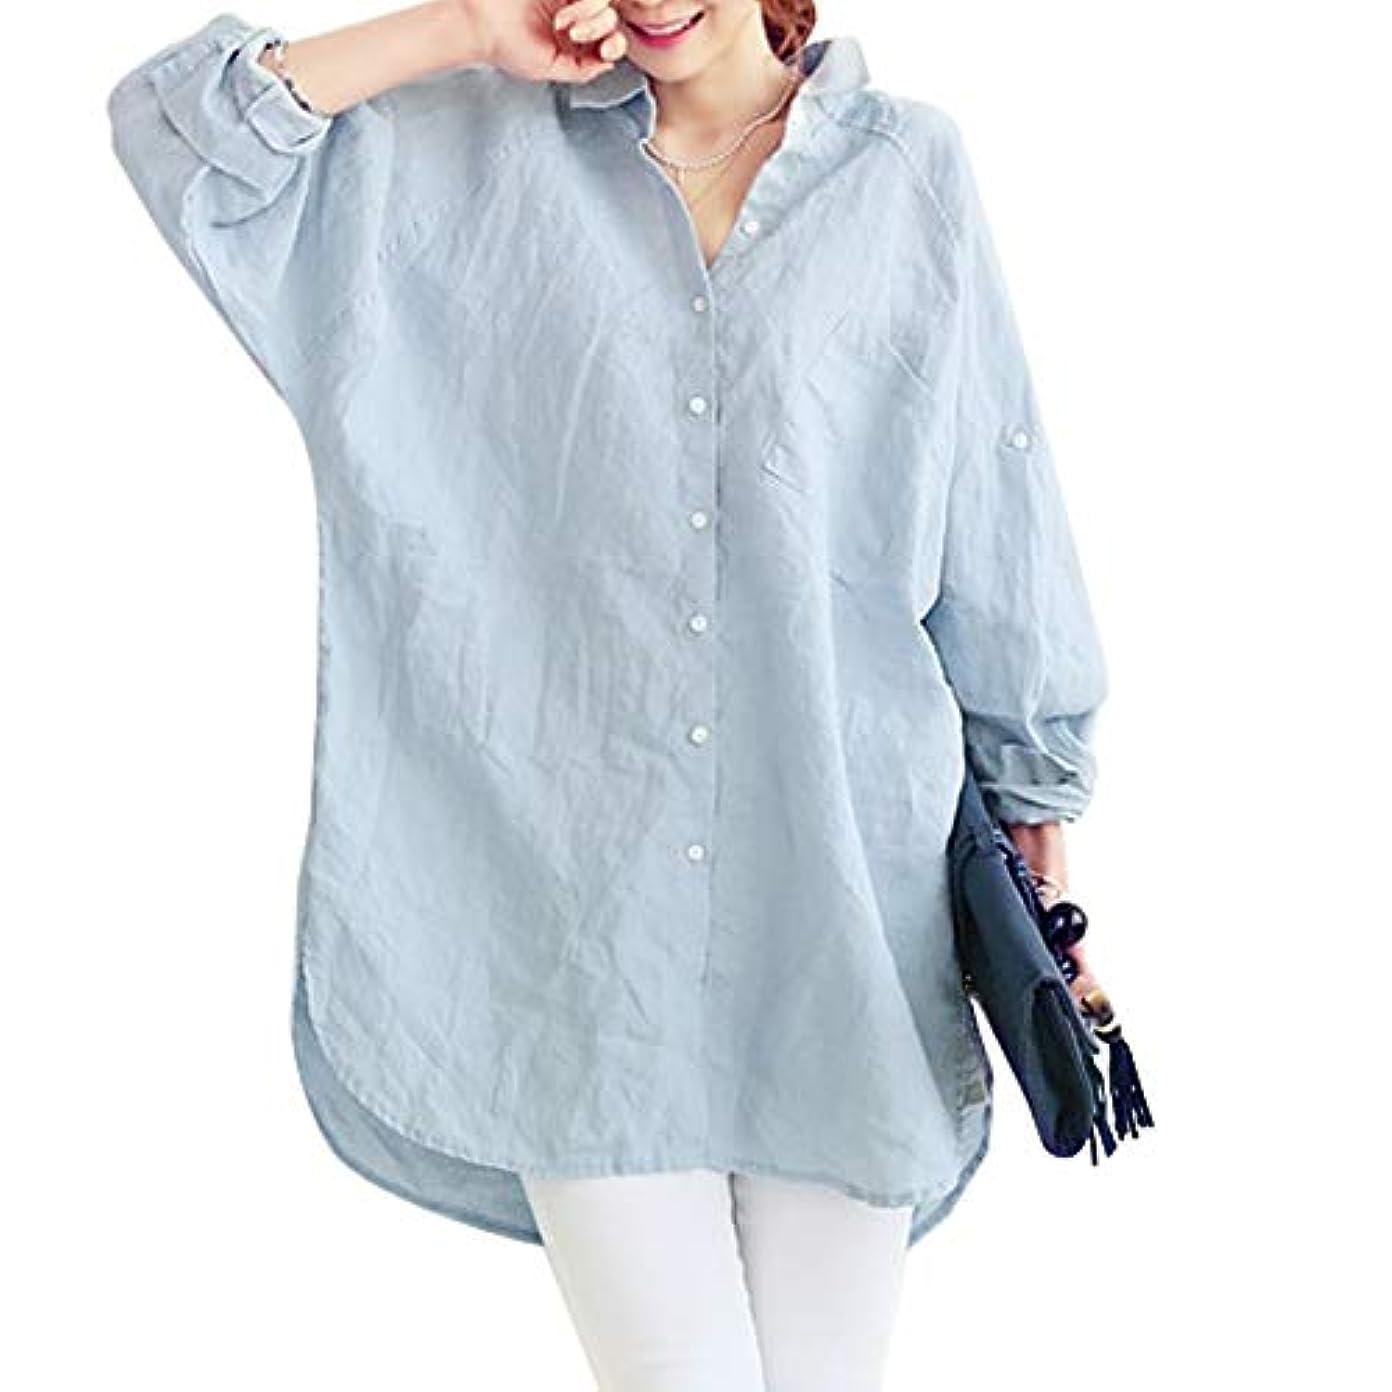 直接息を切らして王子[ココチエ] シャツ ワンピ レディース ブラウス 長袖 ロング 水色 白 大きいサイズ おおきいサイズ おしゃれ ゆったり 体型カバー 前開き